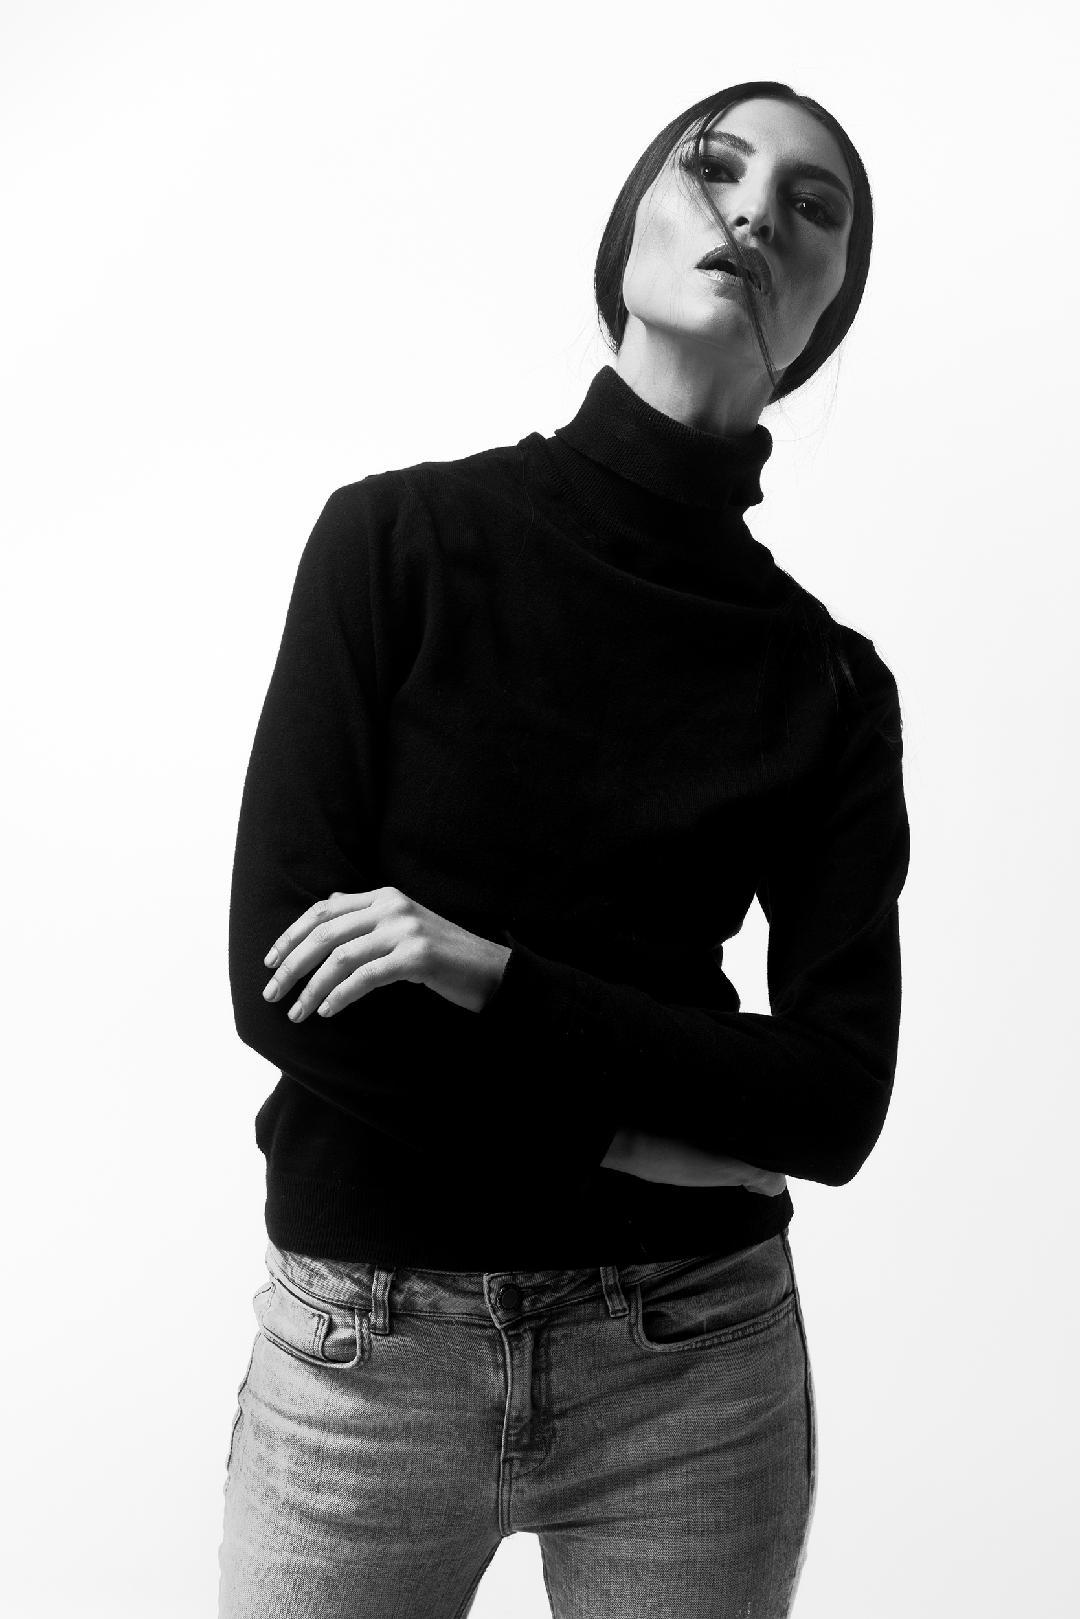 Mina Kitić